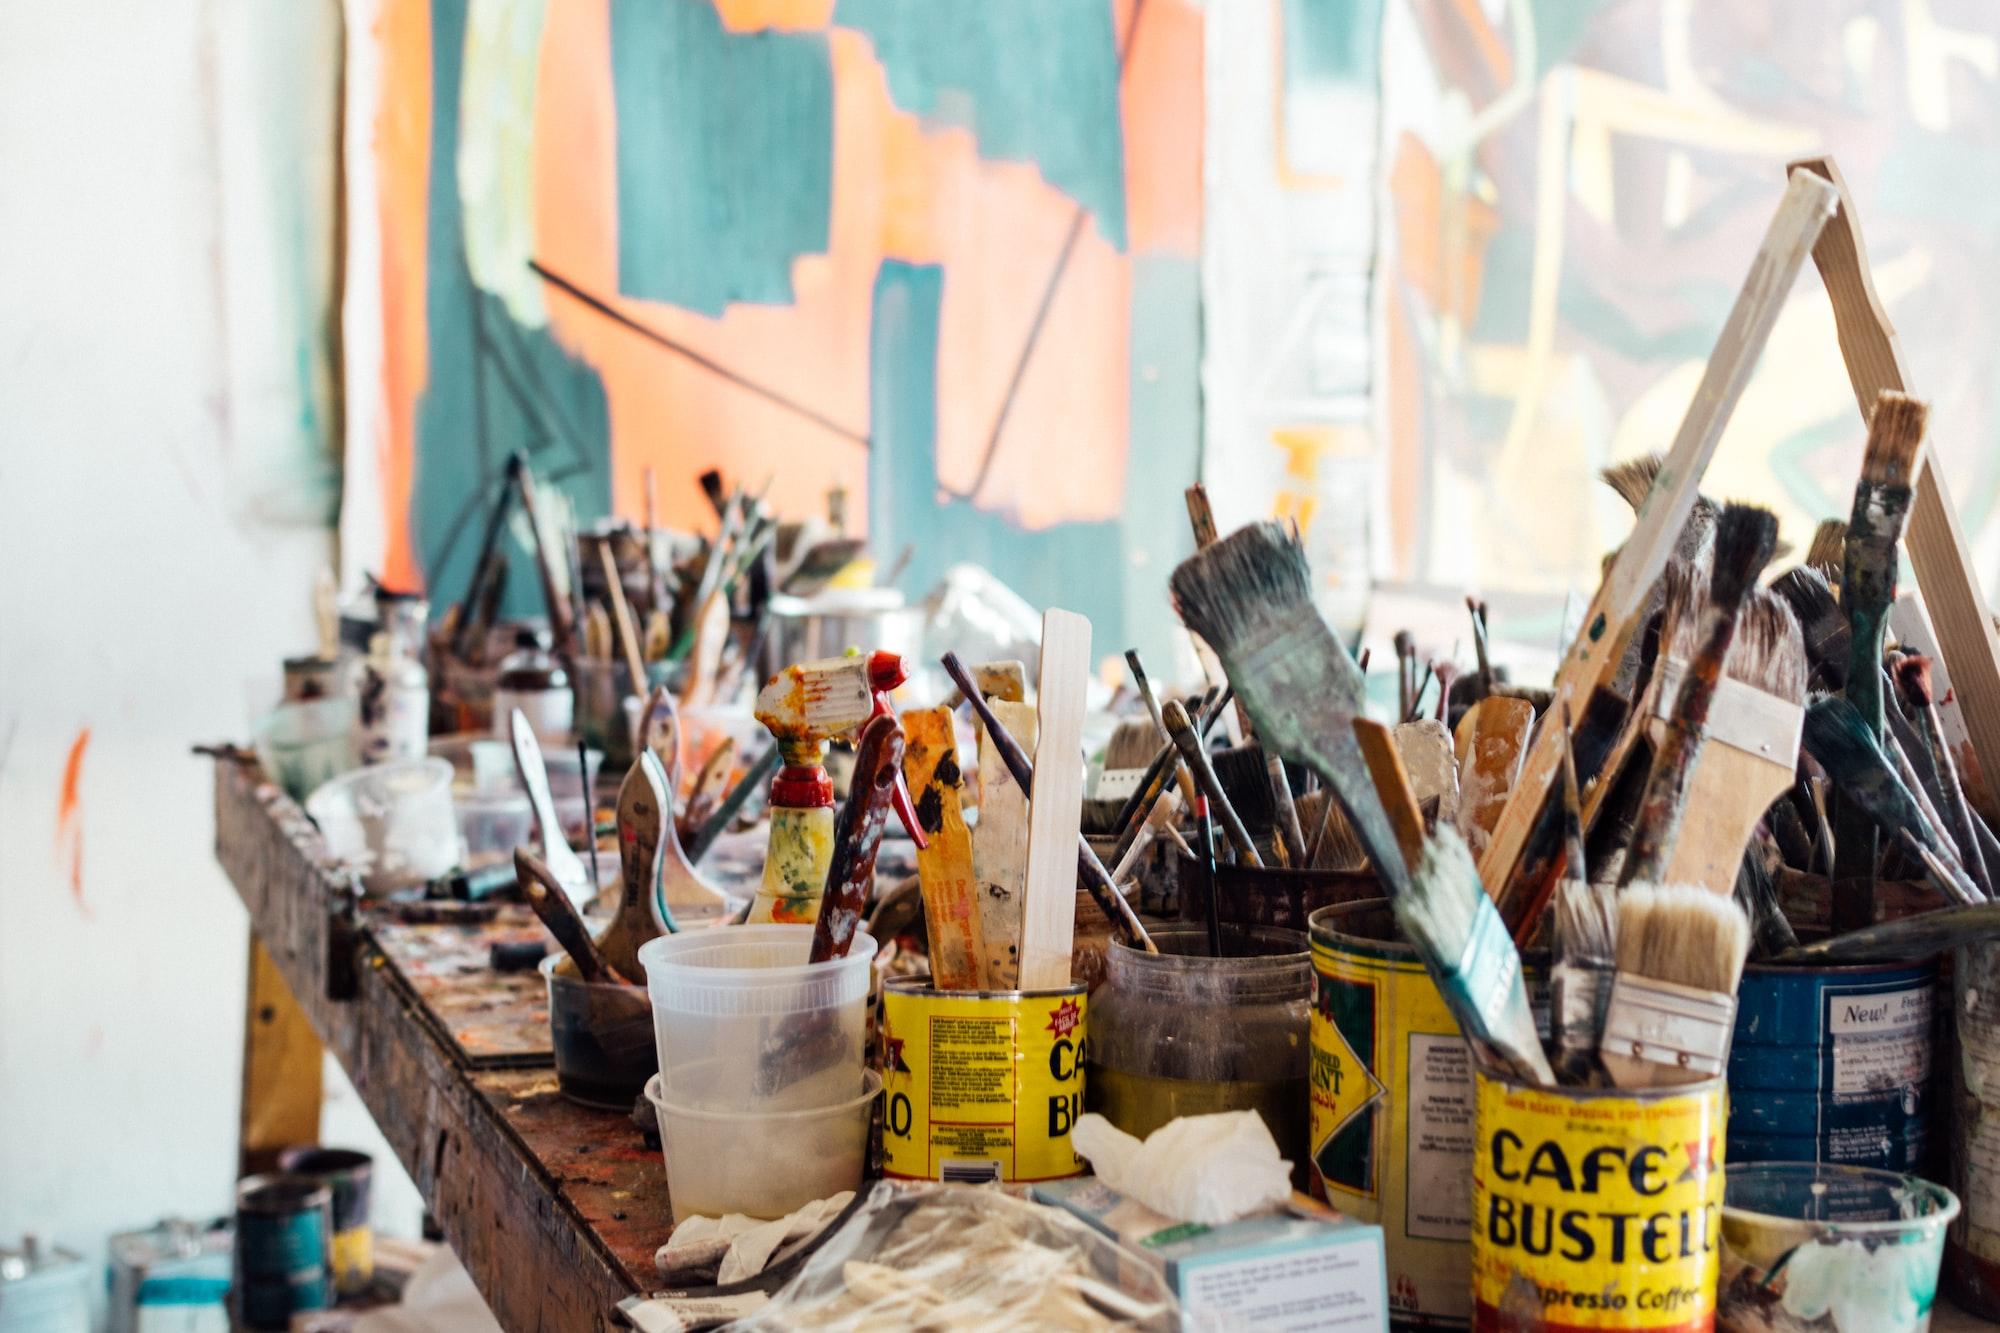 艺术升学 - 听别人教你如何做作品集不如亲眼所见